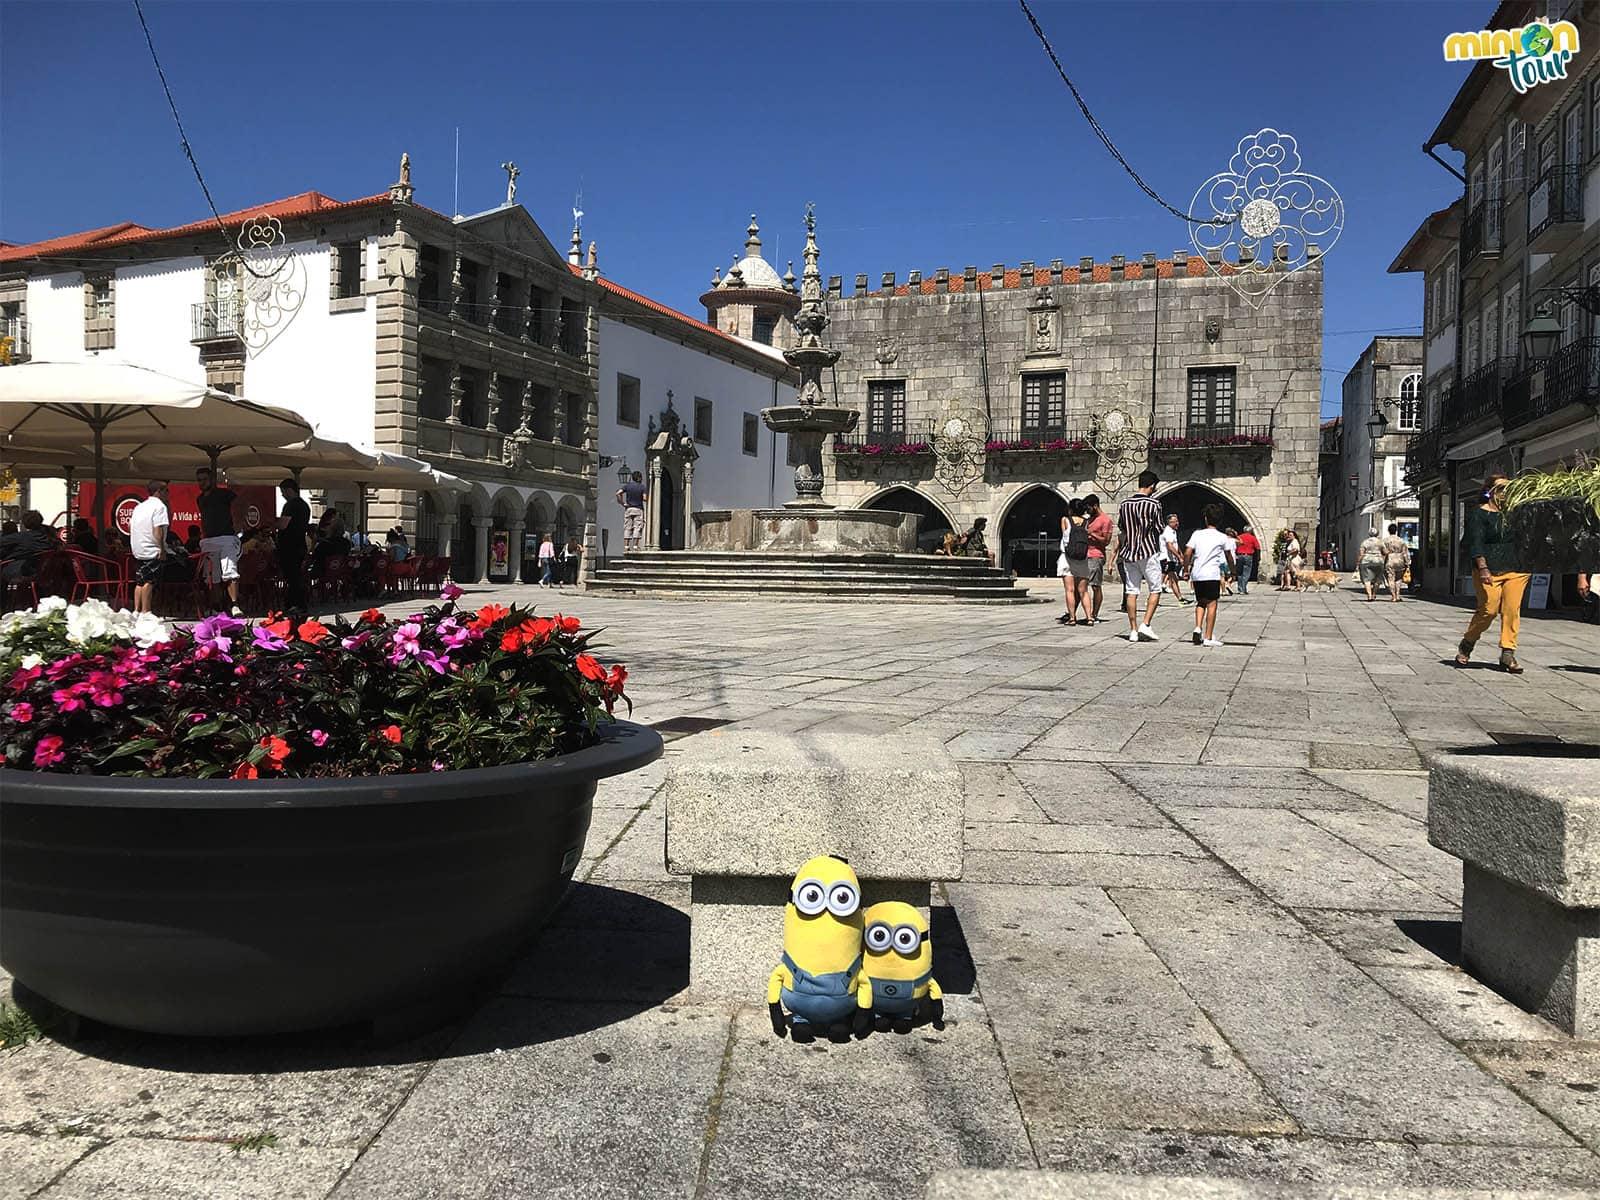 La Plaza de la República no puede faltar entre las cosas que tienes que ver en Viana do Castelo